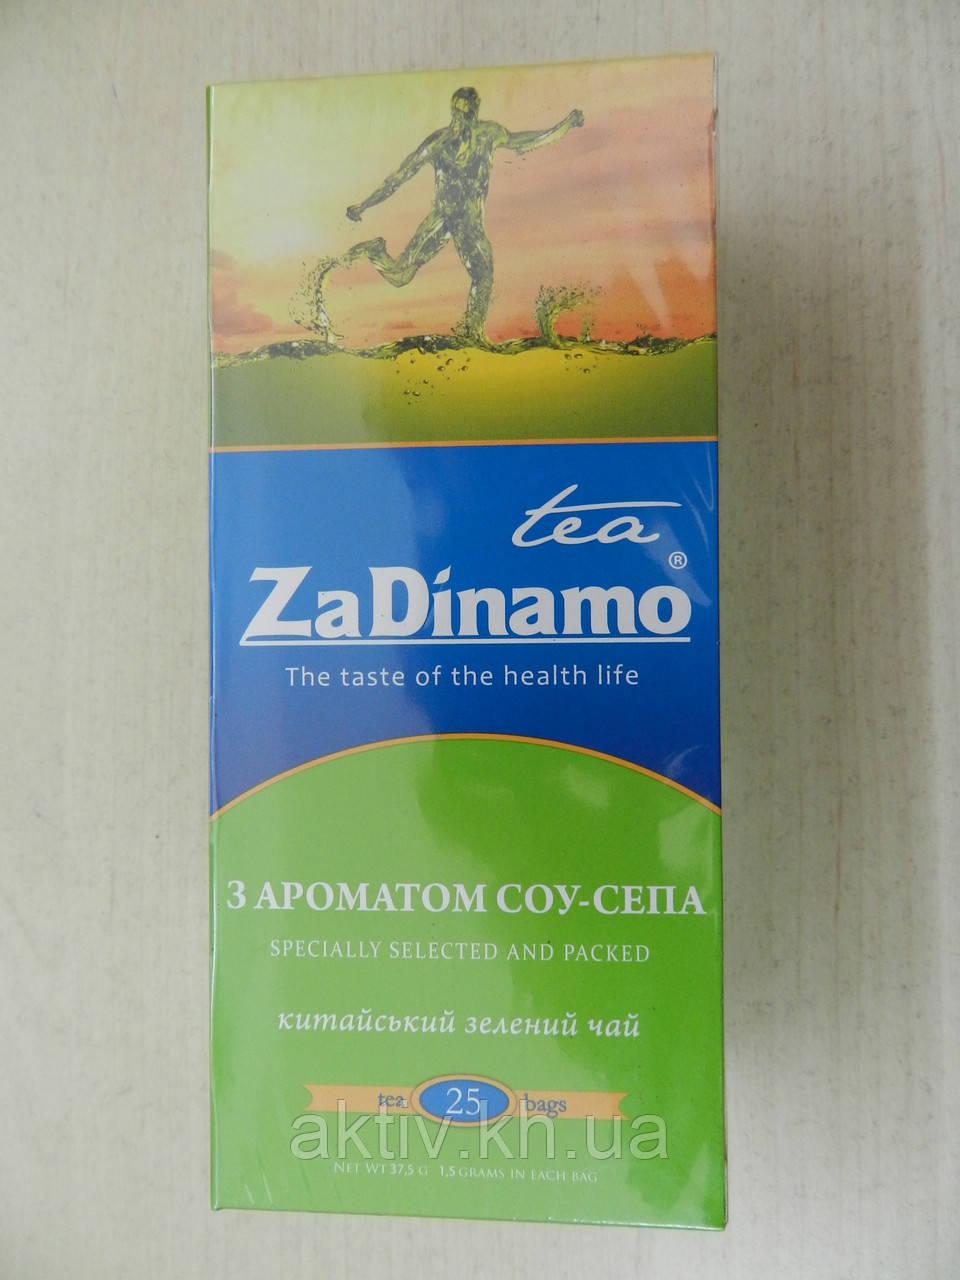 Чай за динамо 25 пакетиків зелений саусеп